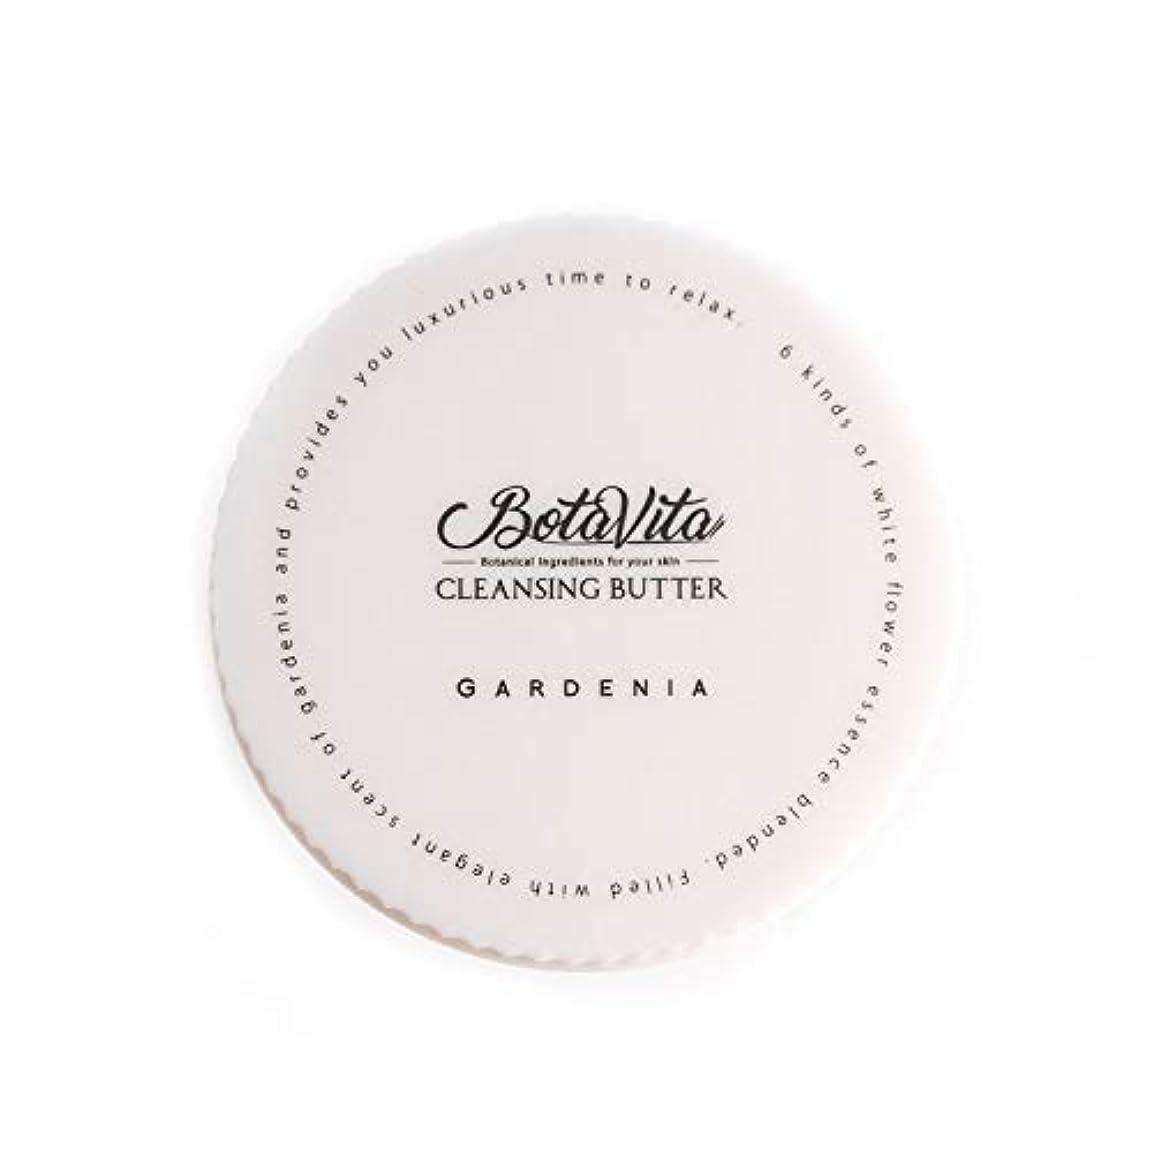 BotaVita ボタヴィータ クレンジングバター<ガーデニア> 80g ダブル洗顔不要 マツエクOK 保湿ケア 毛穴汚れオフ